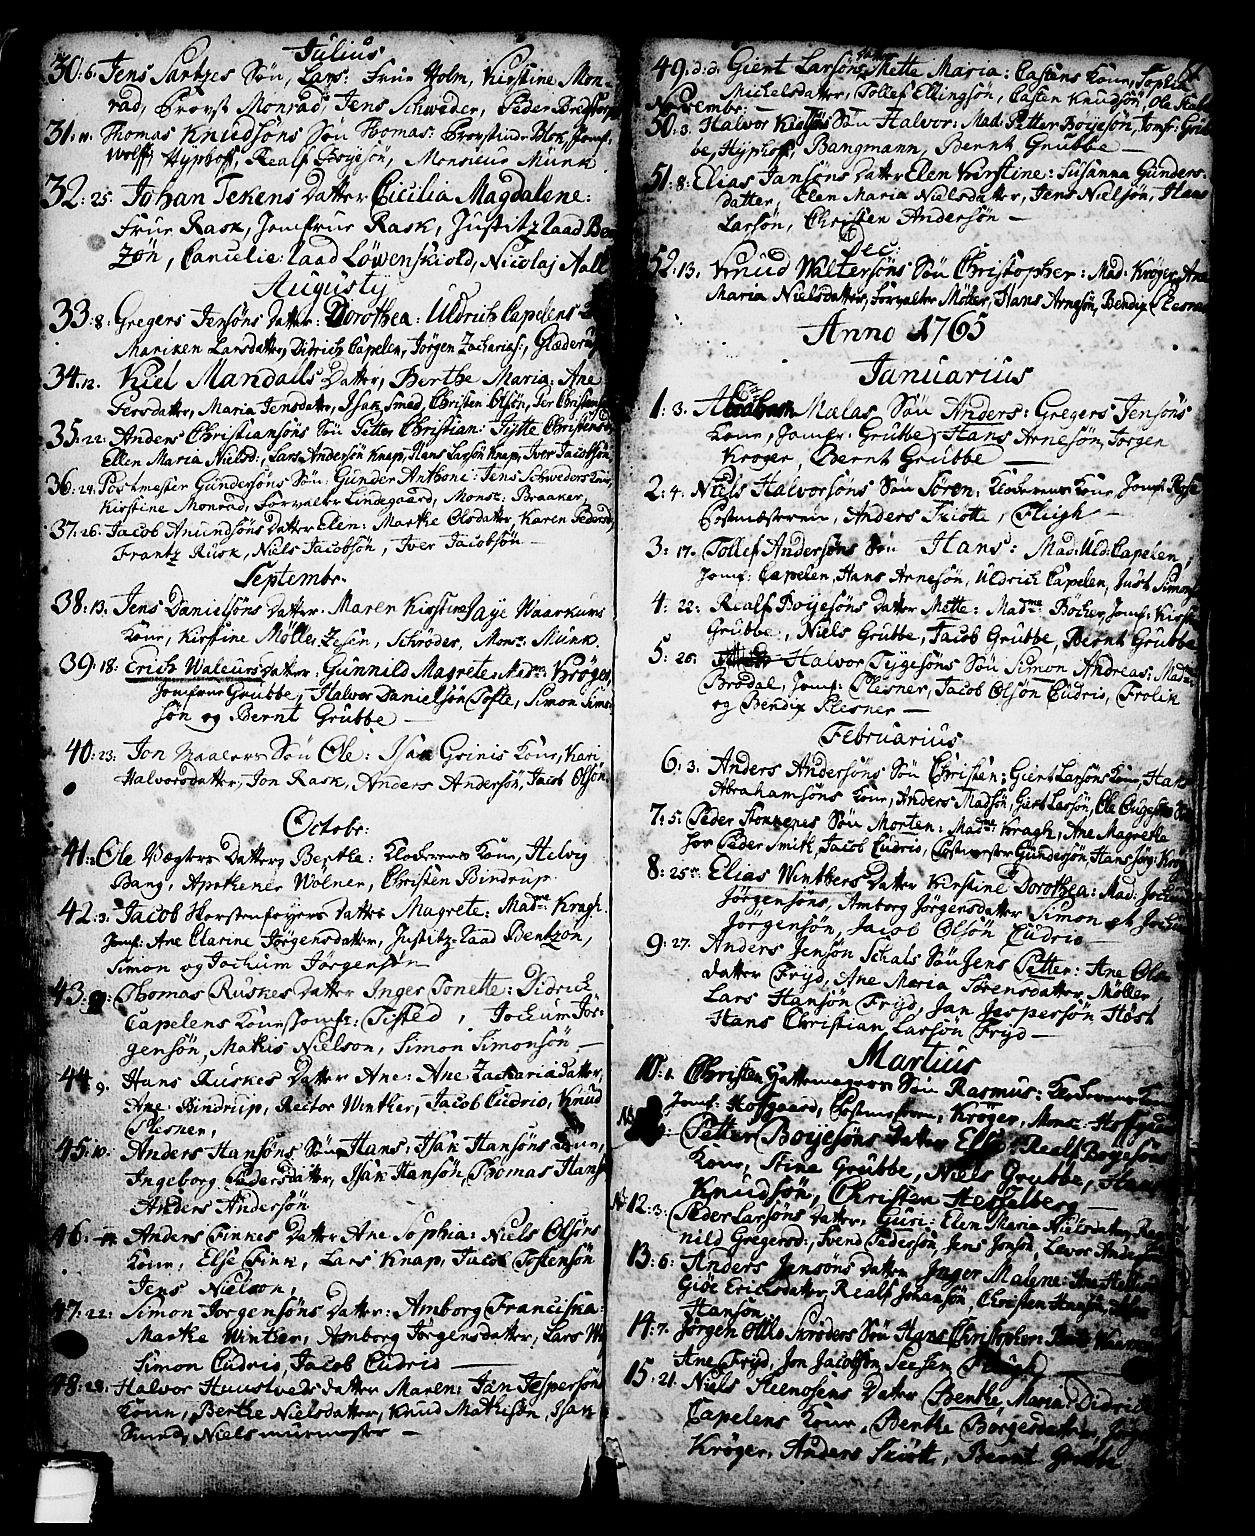 SAKO, Skien kirkebøker, G/Ga/L0001: Klokkerbok nr. 1, 1756-1791, s. 81